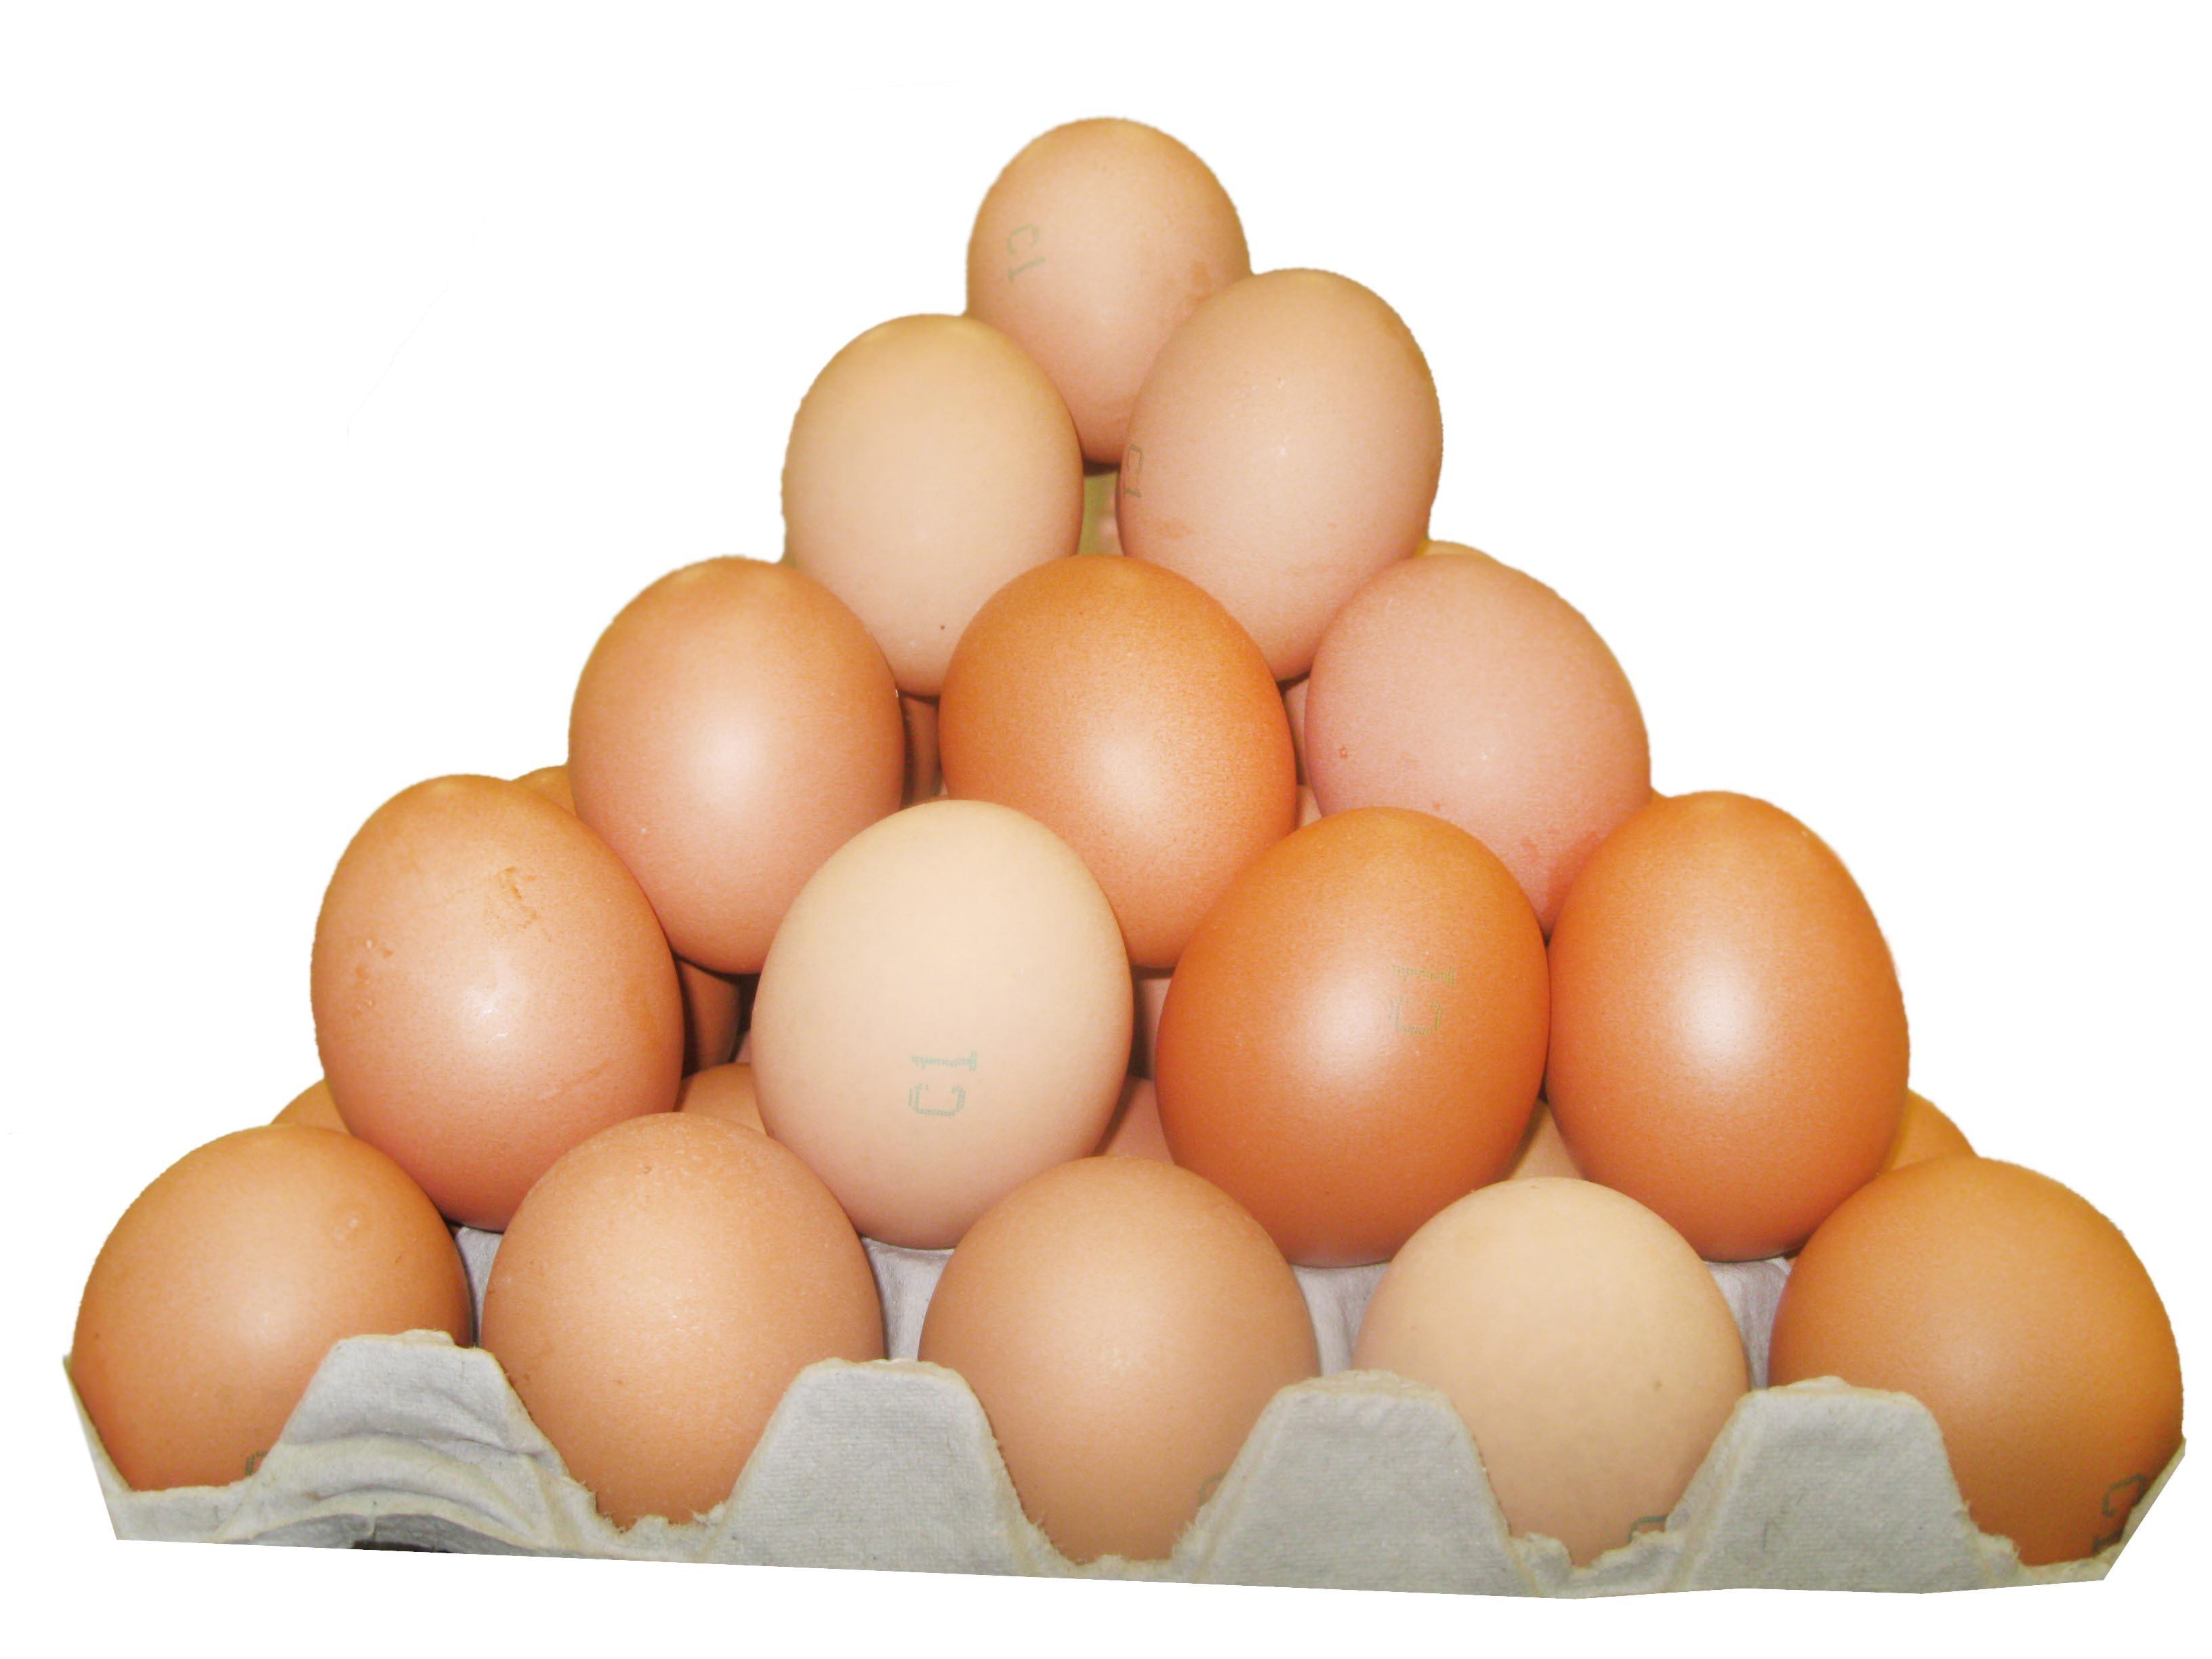 Ученые рассказали какую пользу принесет мужчинам употребление яиц